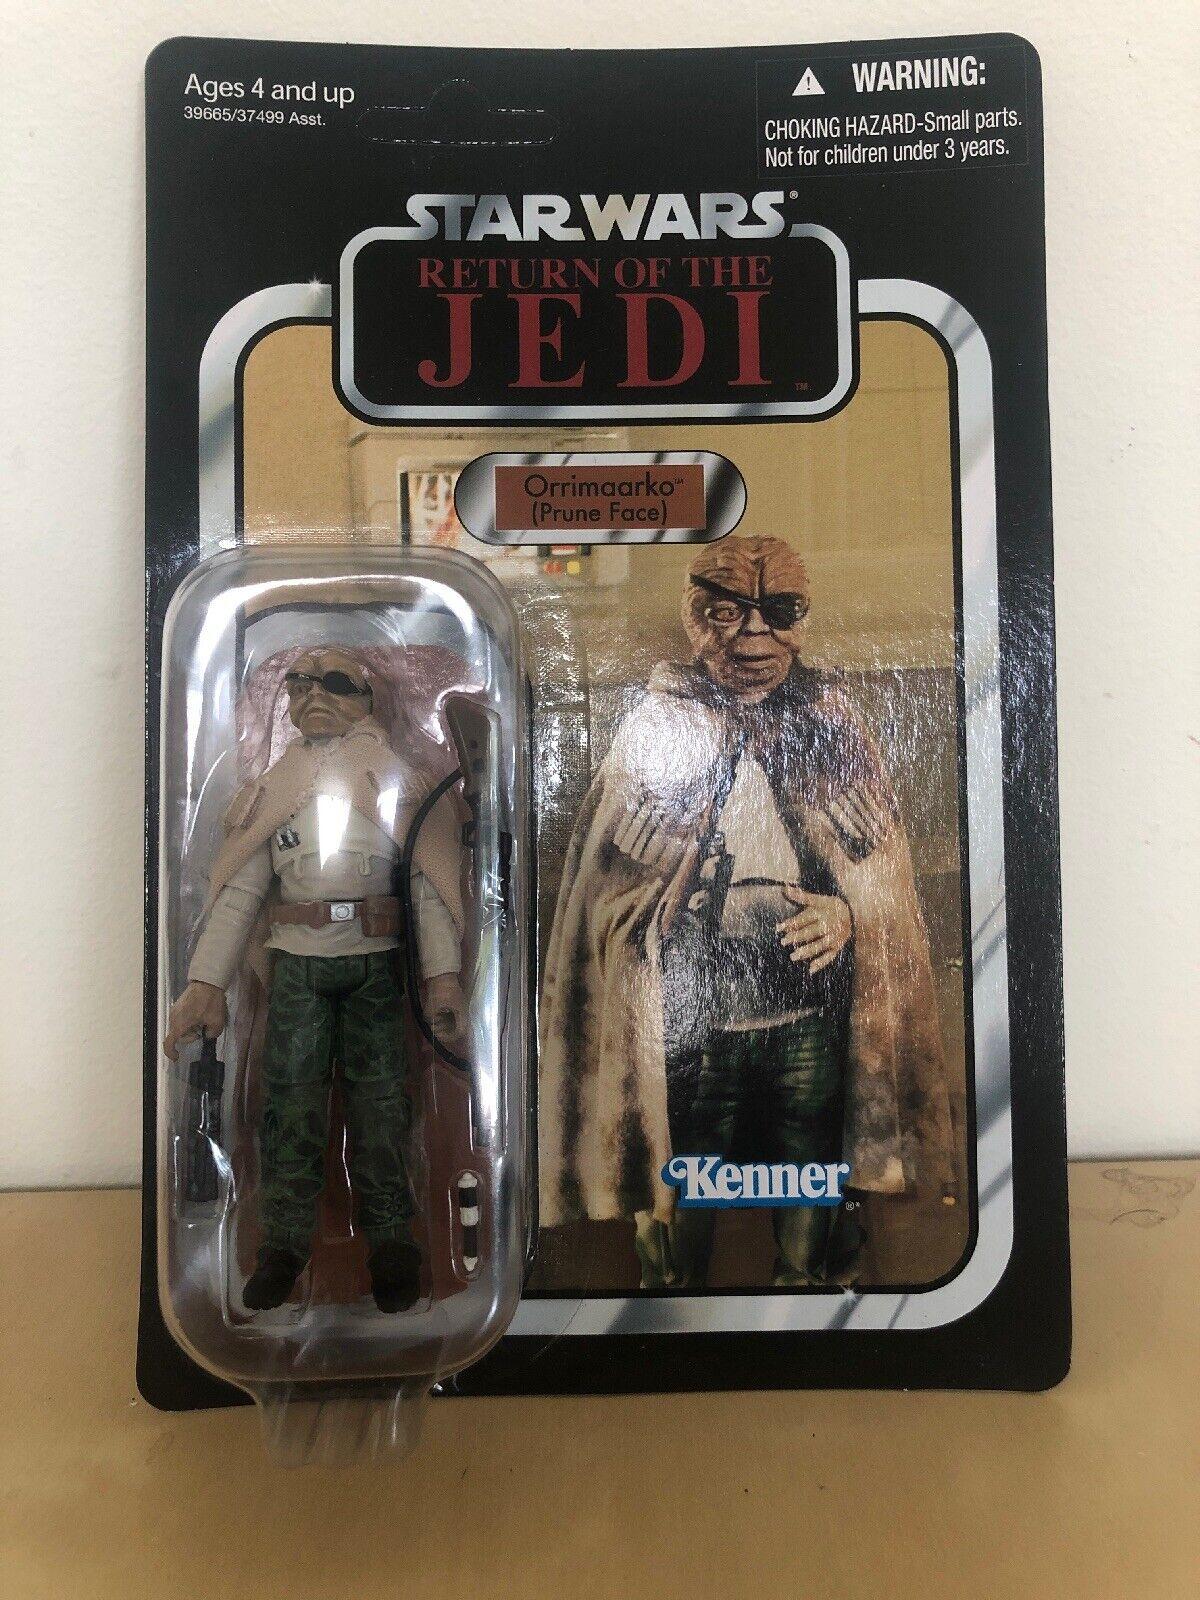 estrella guerras Return Of The Jedi Vintage collezione Orrimaardko pcorreree faccia